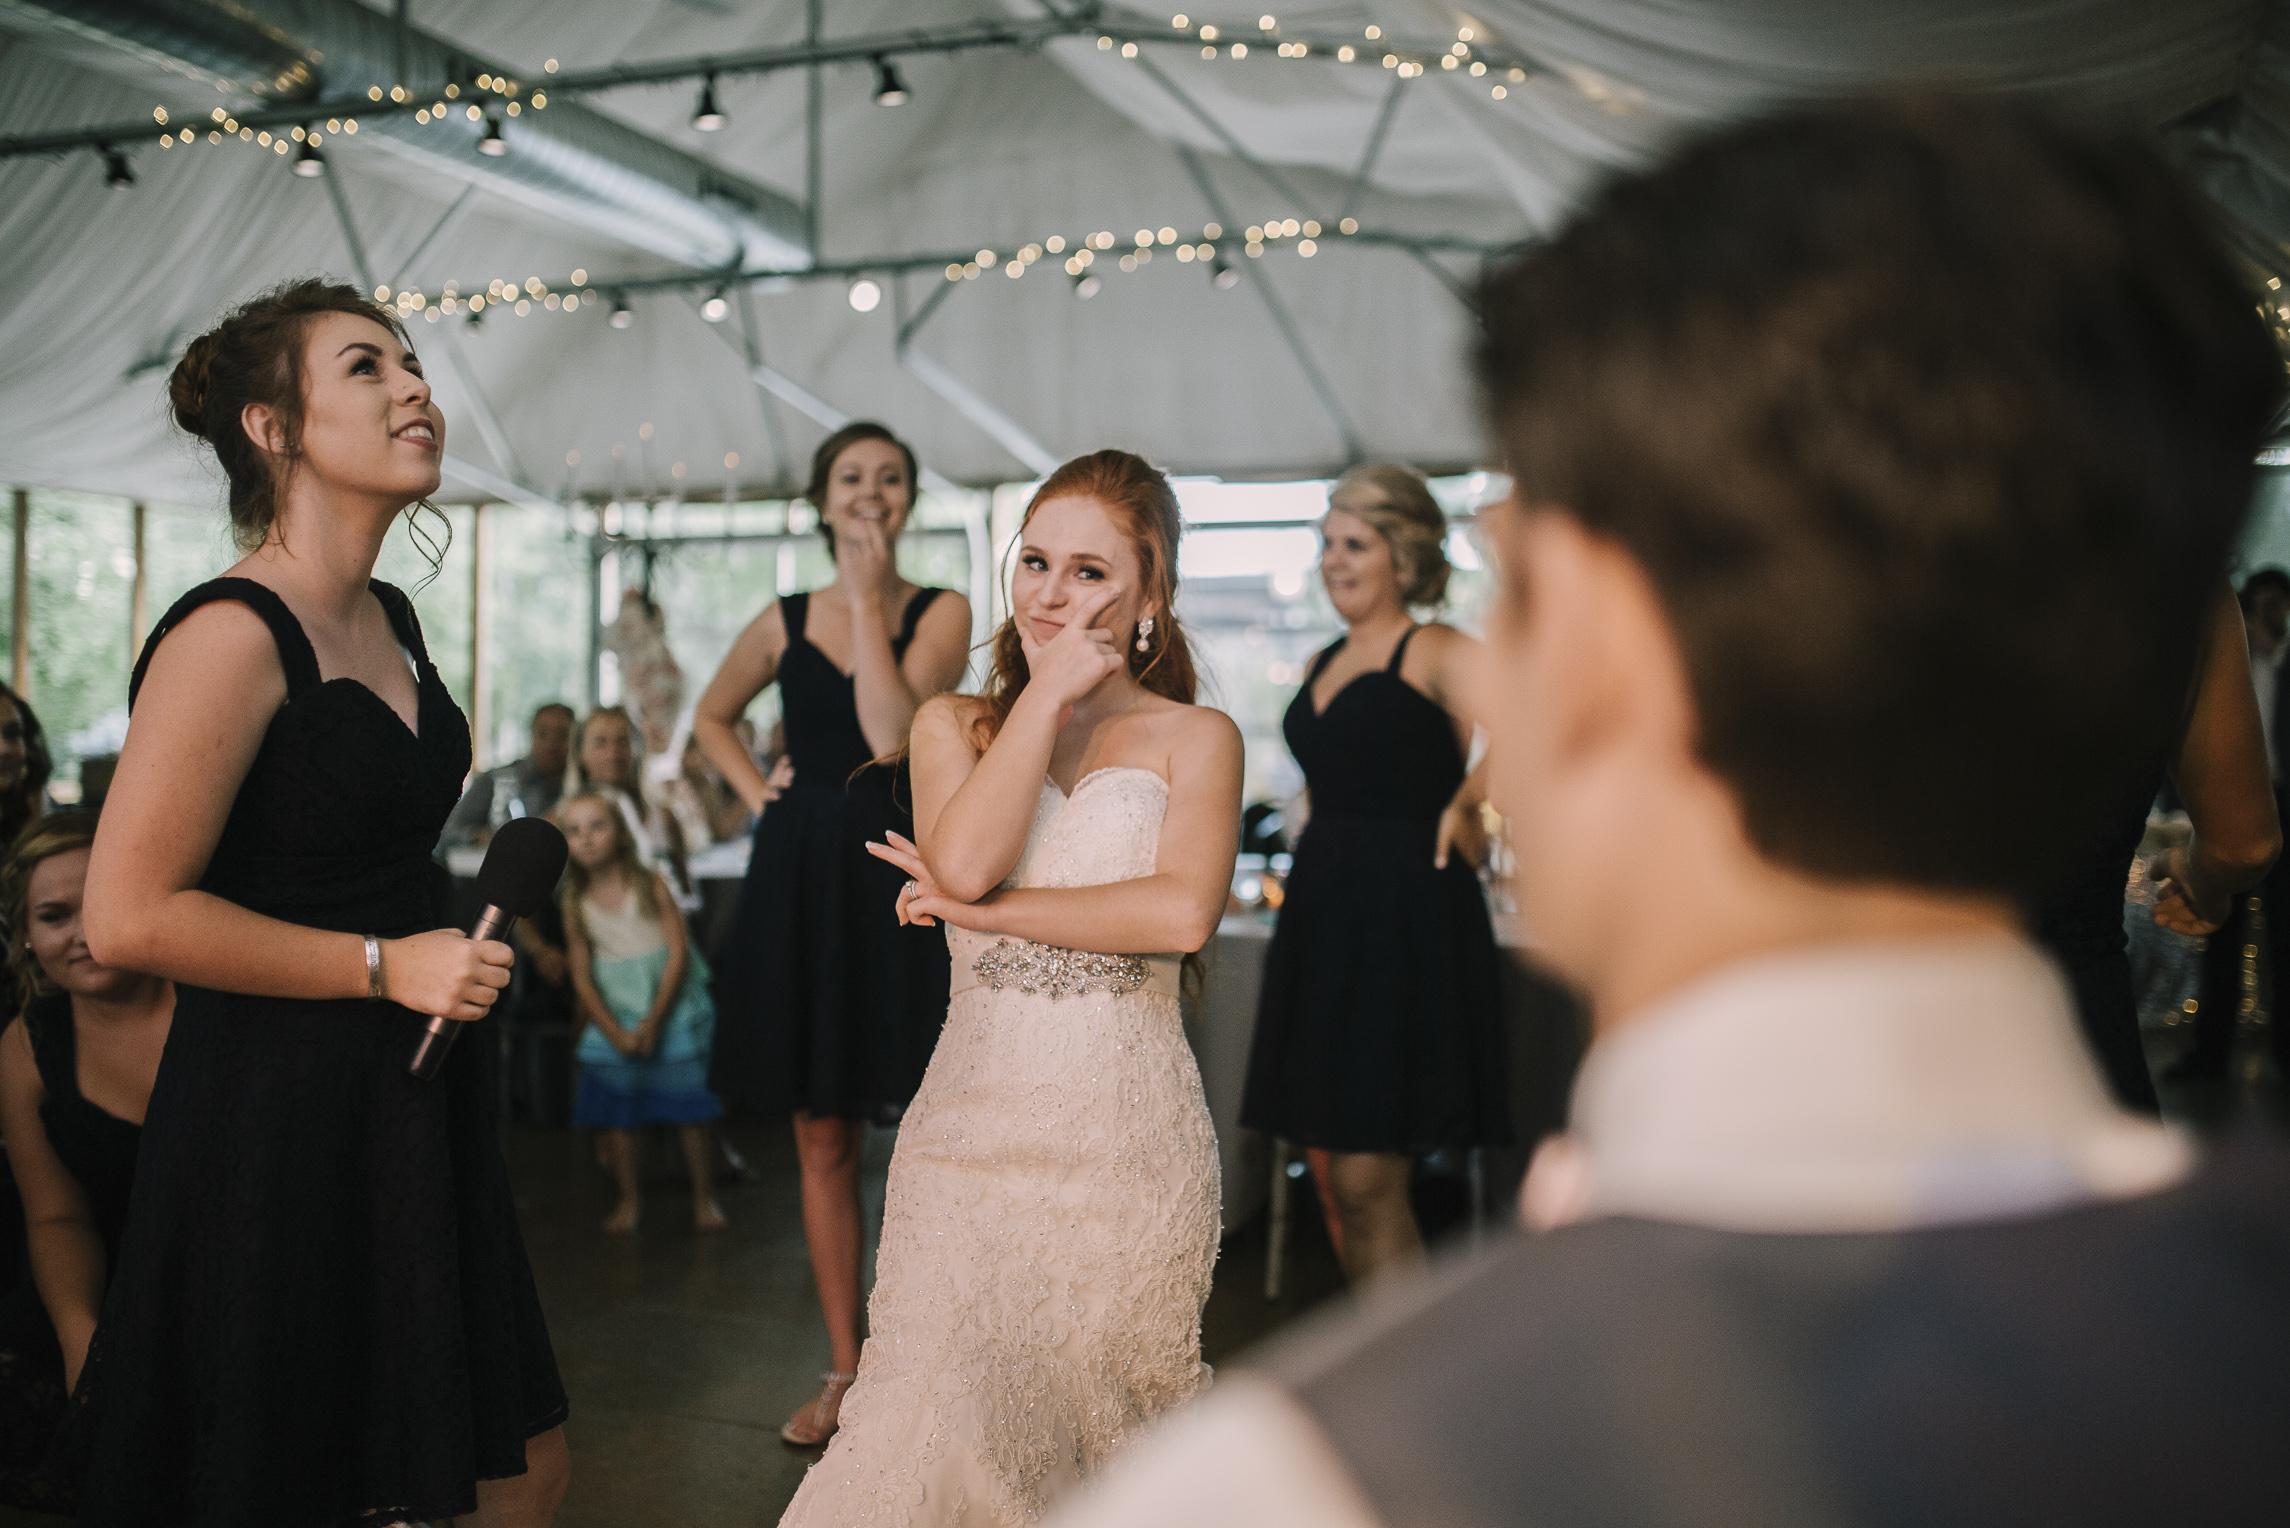 web sized images -- no to print --CALVIN & MCKYLEY WEDDING PHOTOS - COLORADO PHOTOGRAPHER - DEBI RAE PHOTOGRAPHY-2374.jpg